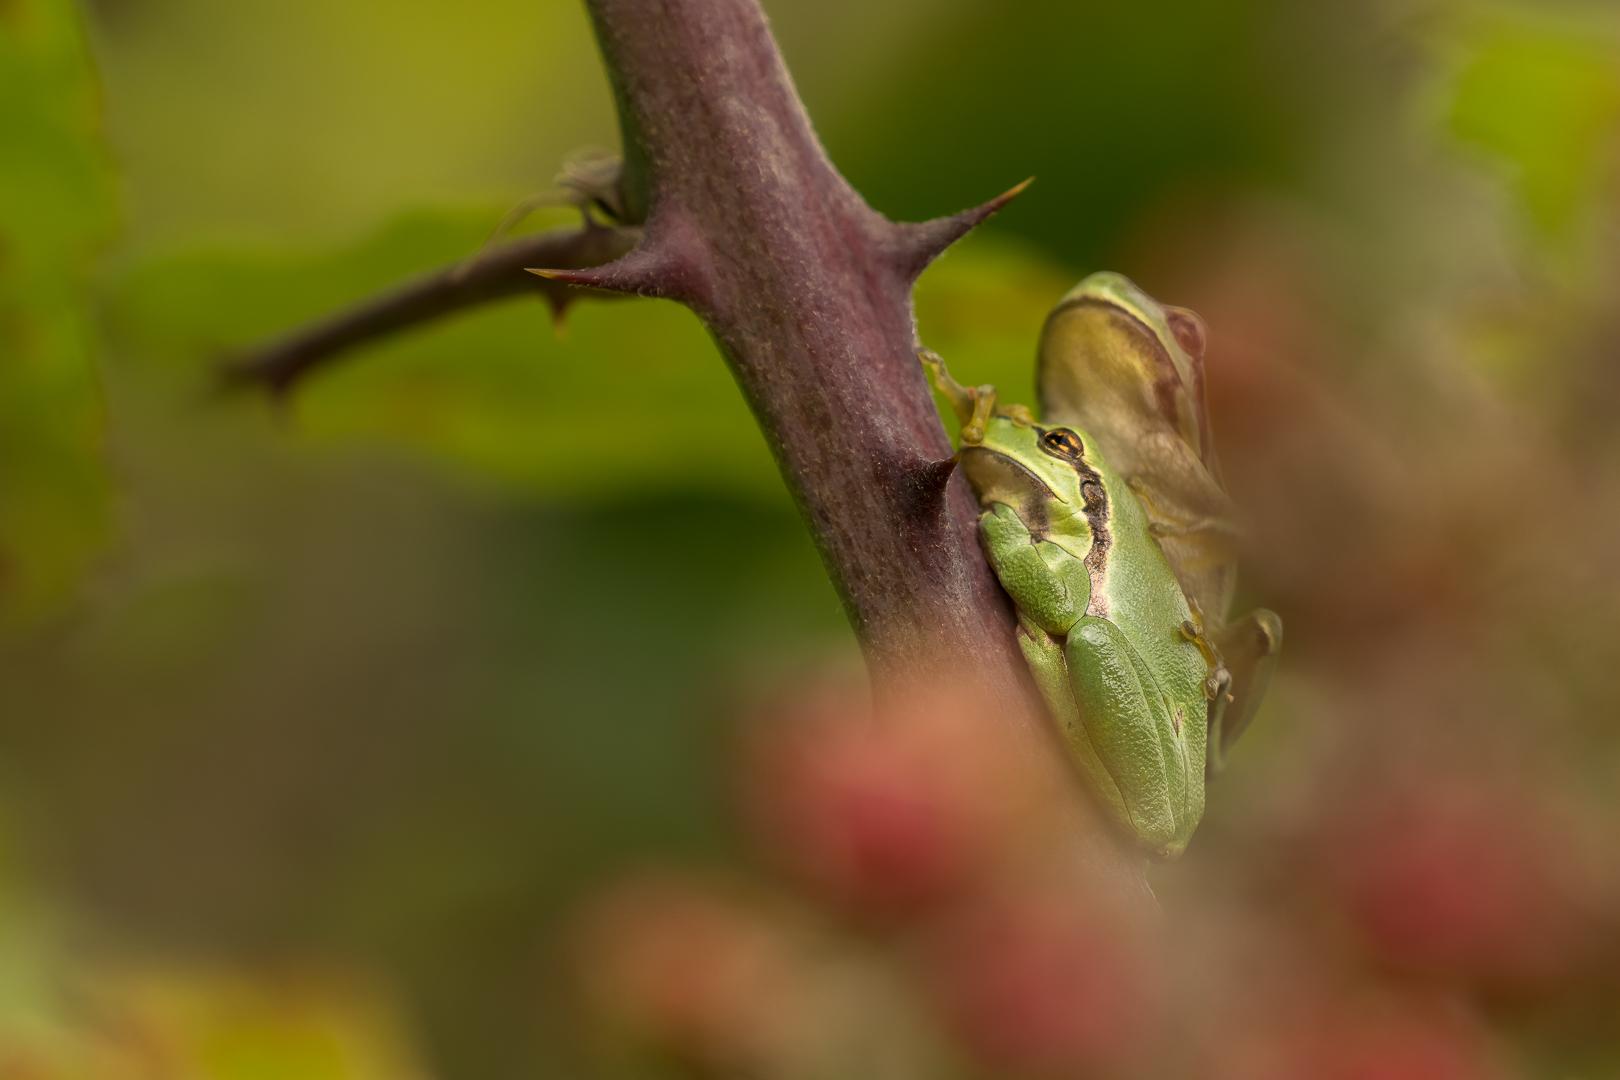 Boomkikker, Hyla arborea, Loes Belovics, Deel de Natuur